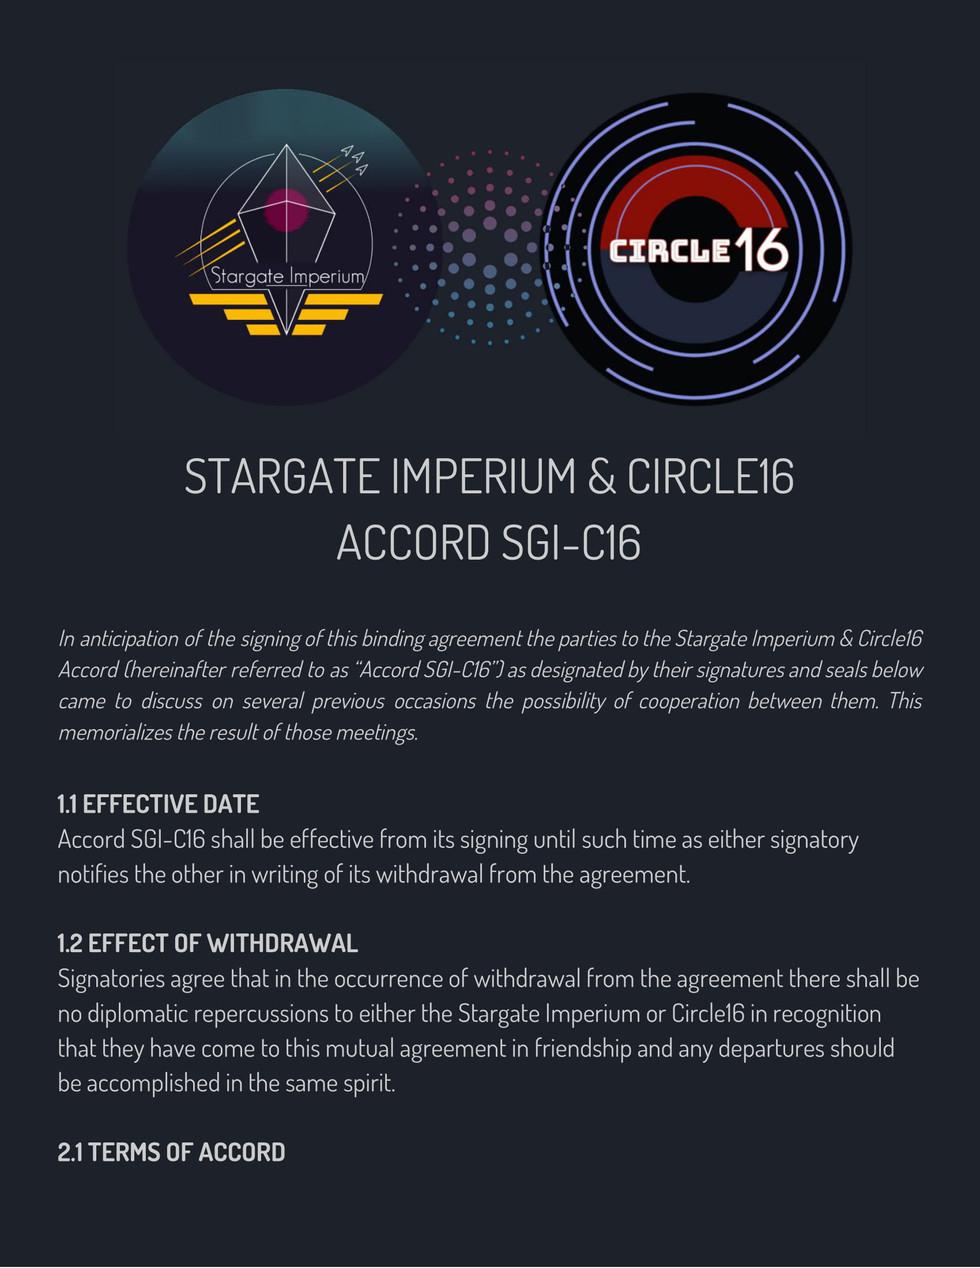 AccordSGI-C16-1